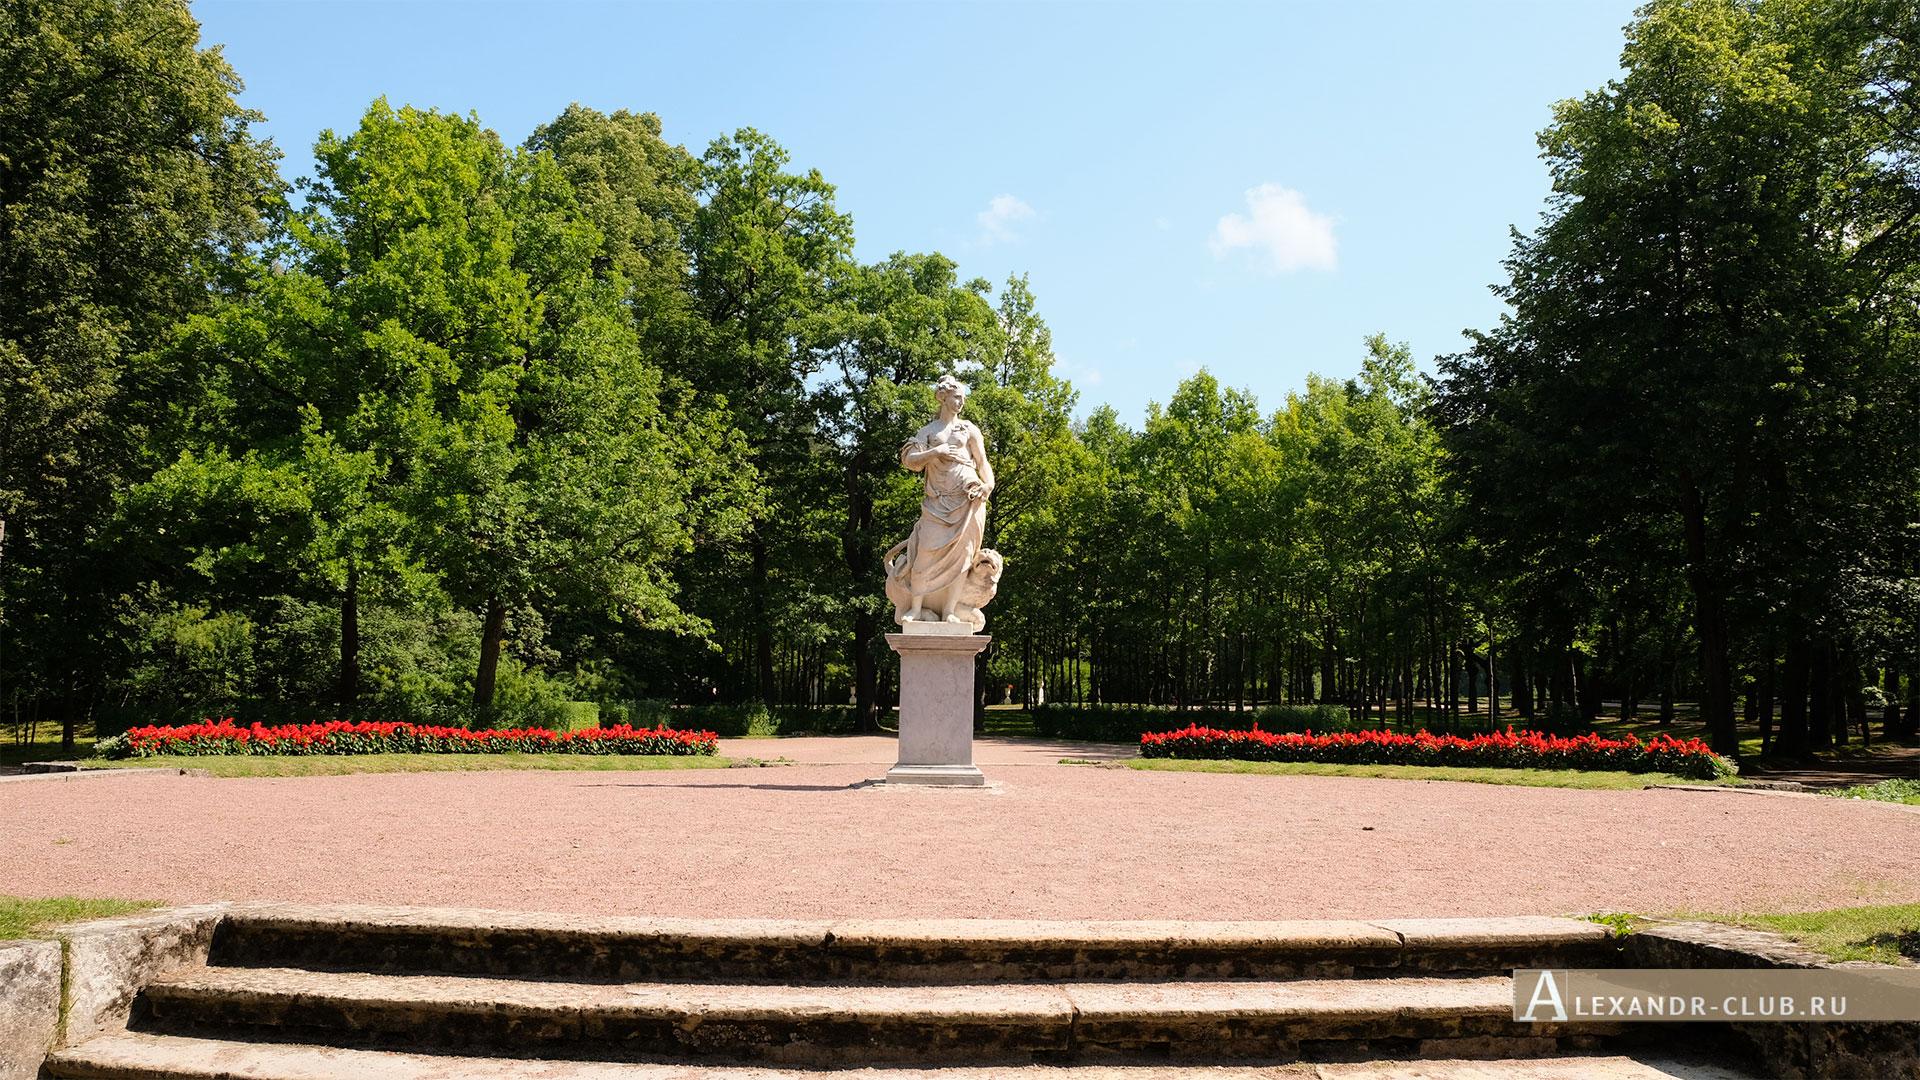 Павловск, лето, Павловский парк, Большие круги, скульптура «Мир»